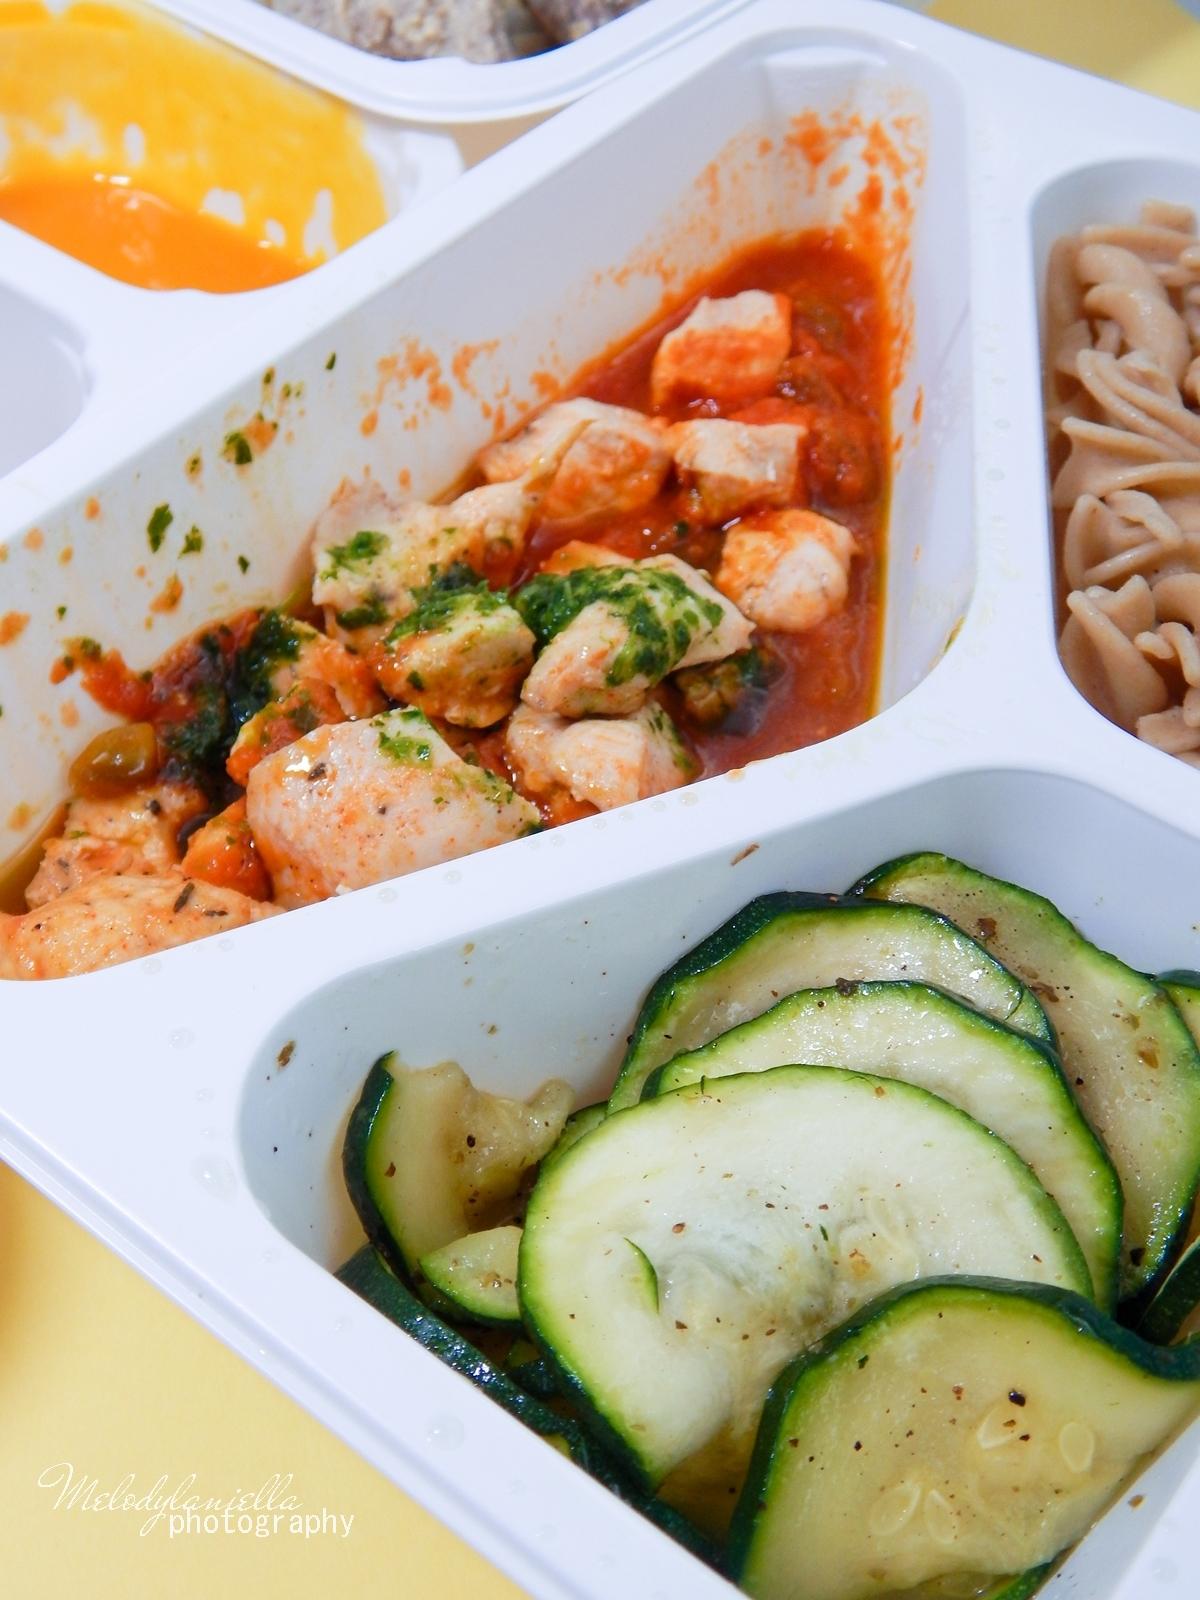 015 cateromarket dieta pudełkowa catering dietetyczny dieta jak przejść na dietę catering z dowozem do domu dieta kalorie melodylaniella dieta na cały dzień jedzenie na cały dzień catering do domu